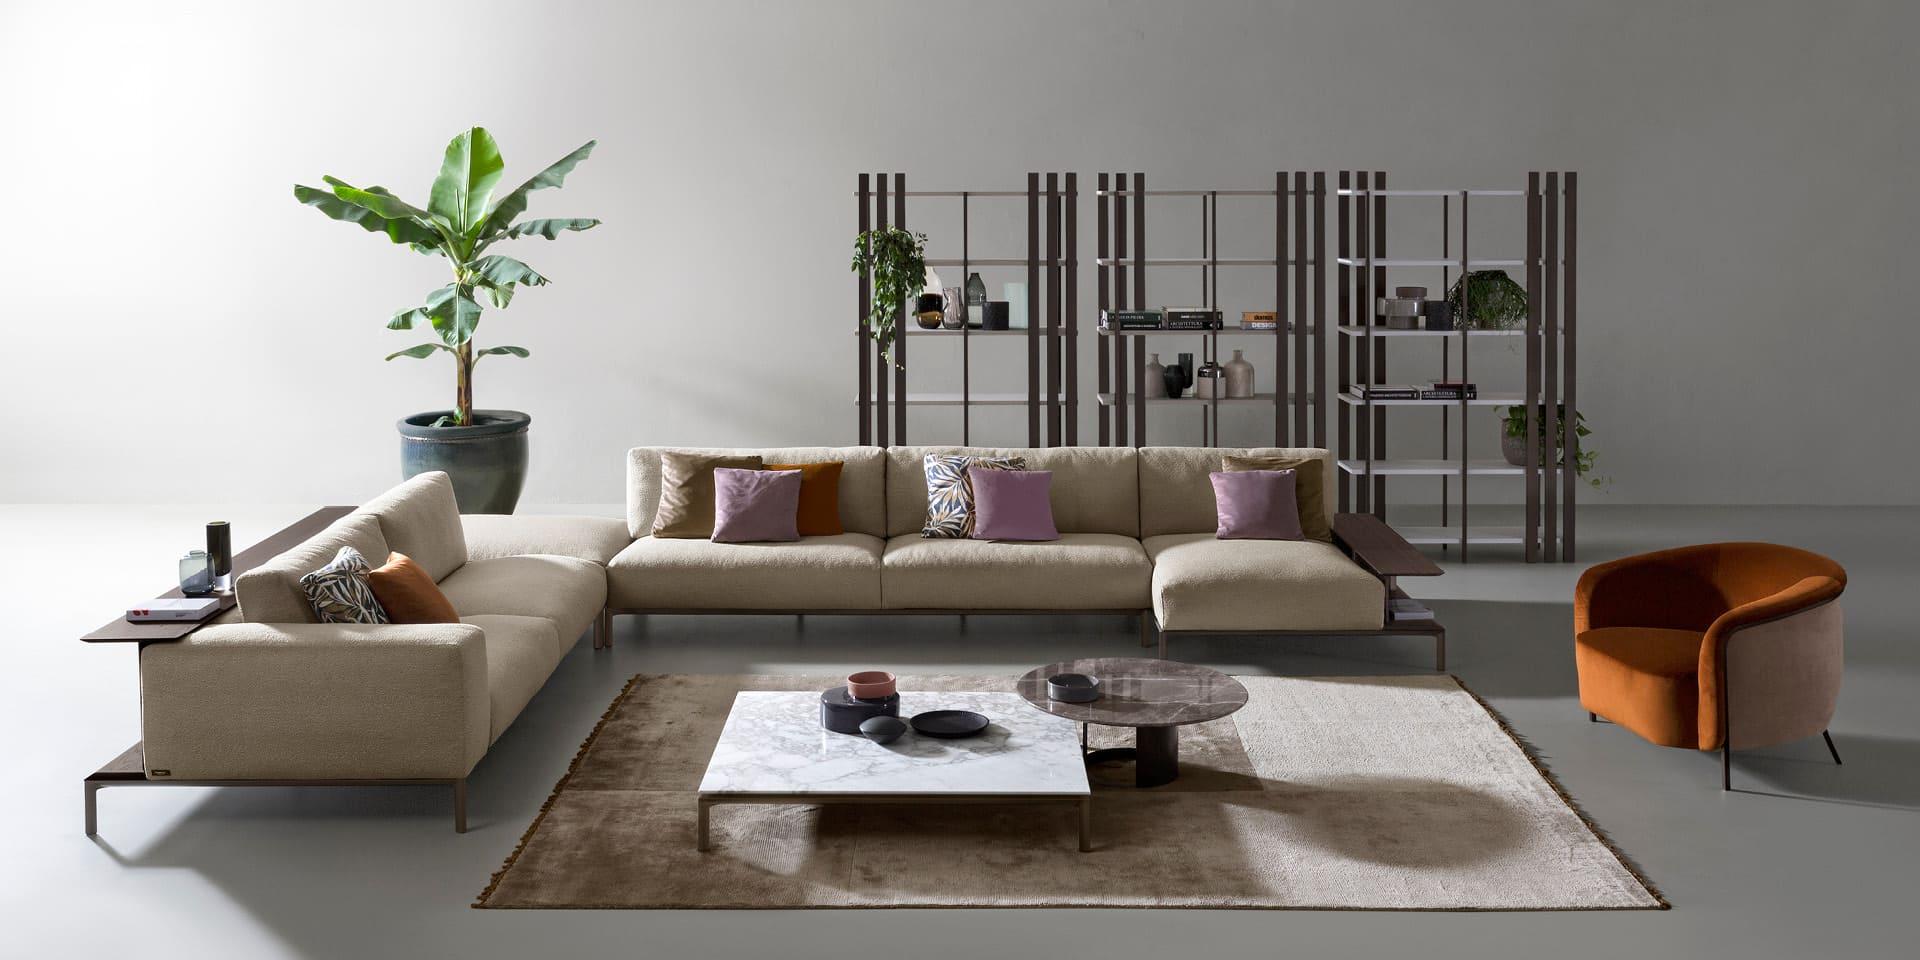 Bodema Модульний диван Man-go від італійського виробника Bodema